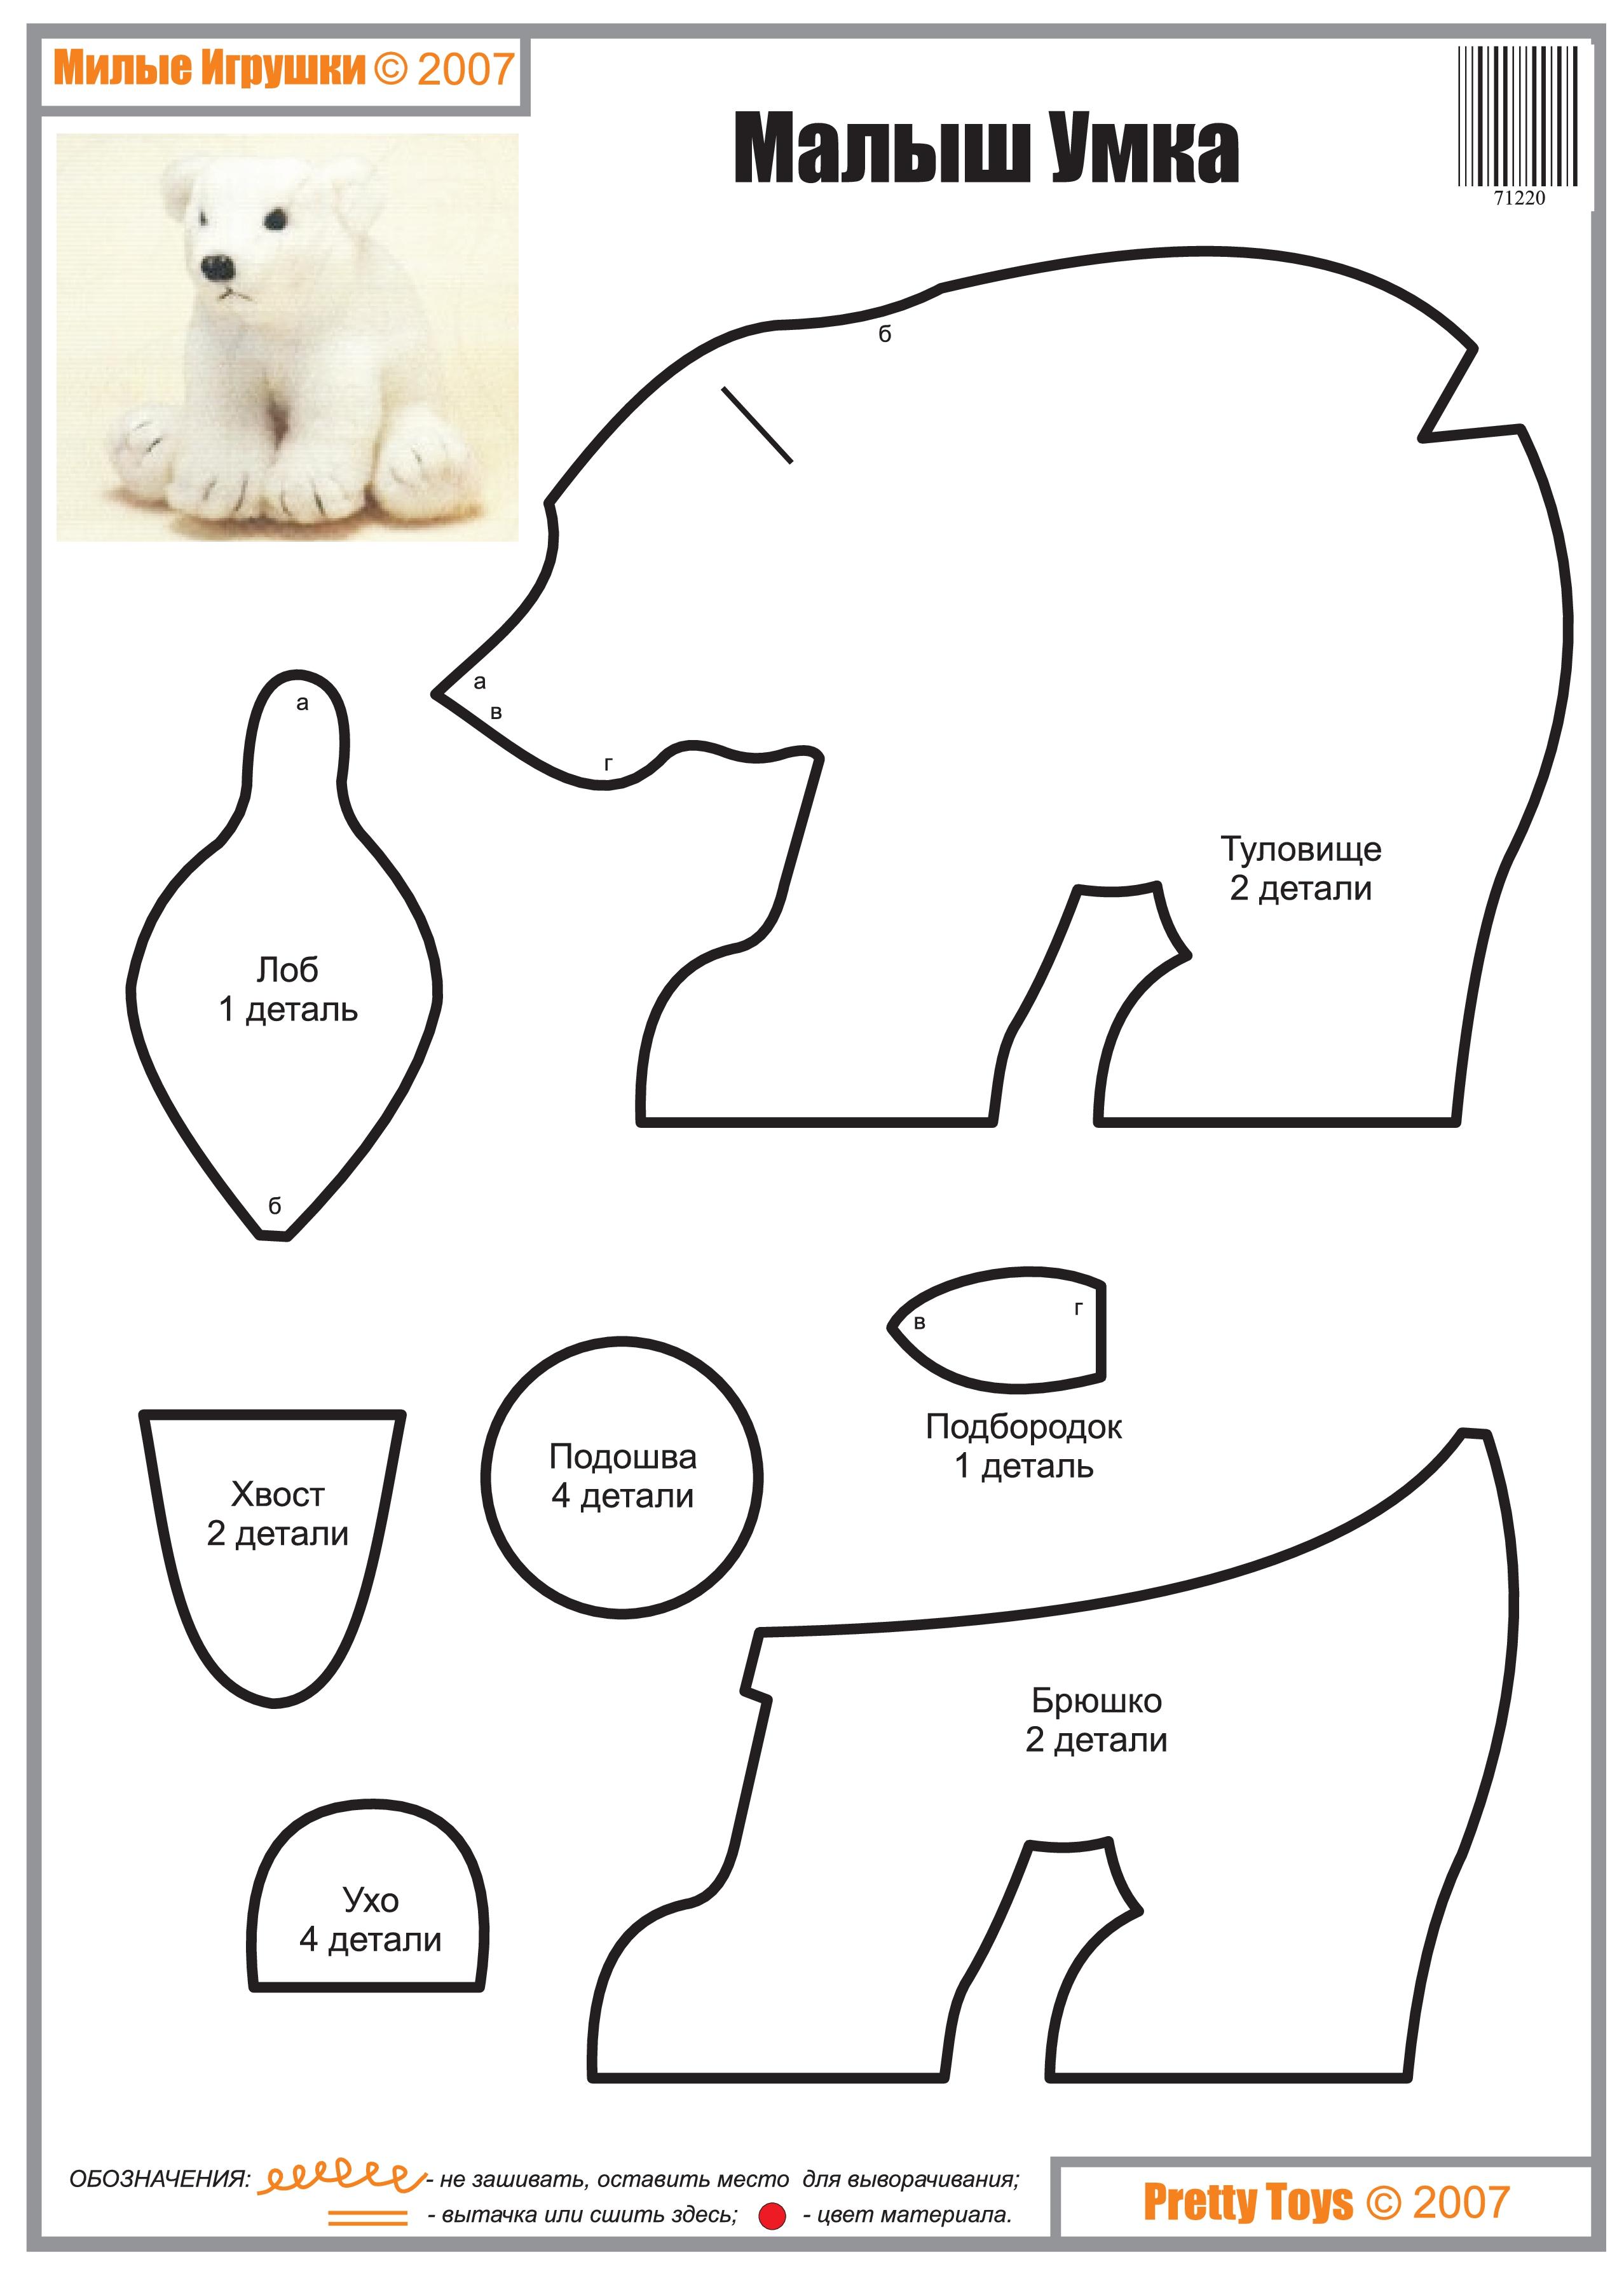 Как сделать выкройку медведя и сшить плюшевую и мягкую игрушку своими 52